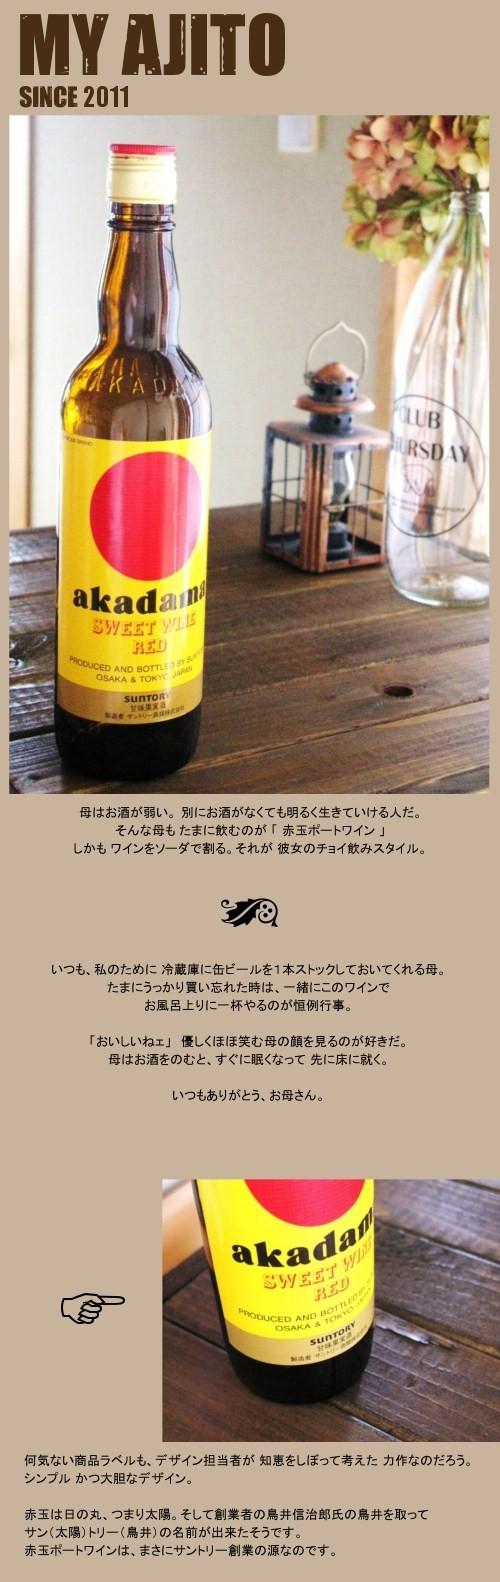 ジャンク+昭和_3